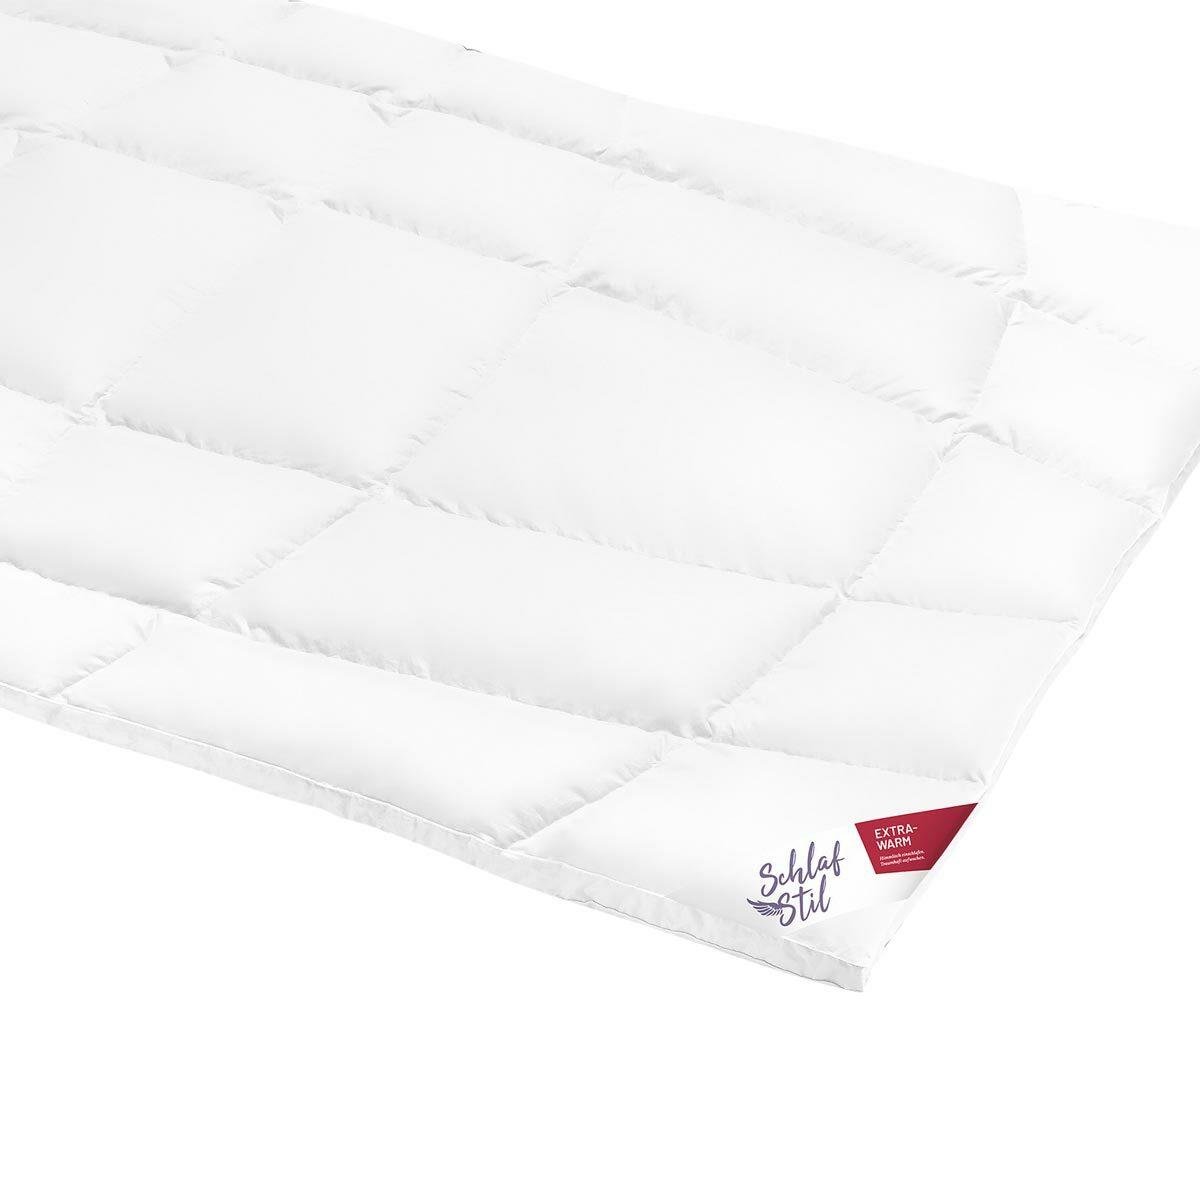 Schlafstil Daunendecke D1000 extra warm, Füllung: 100% Eiderdaunen